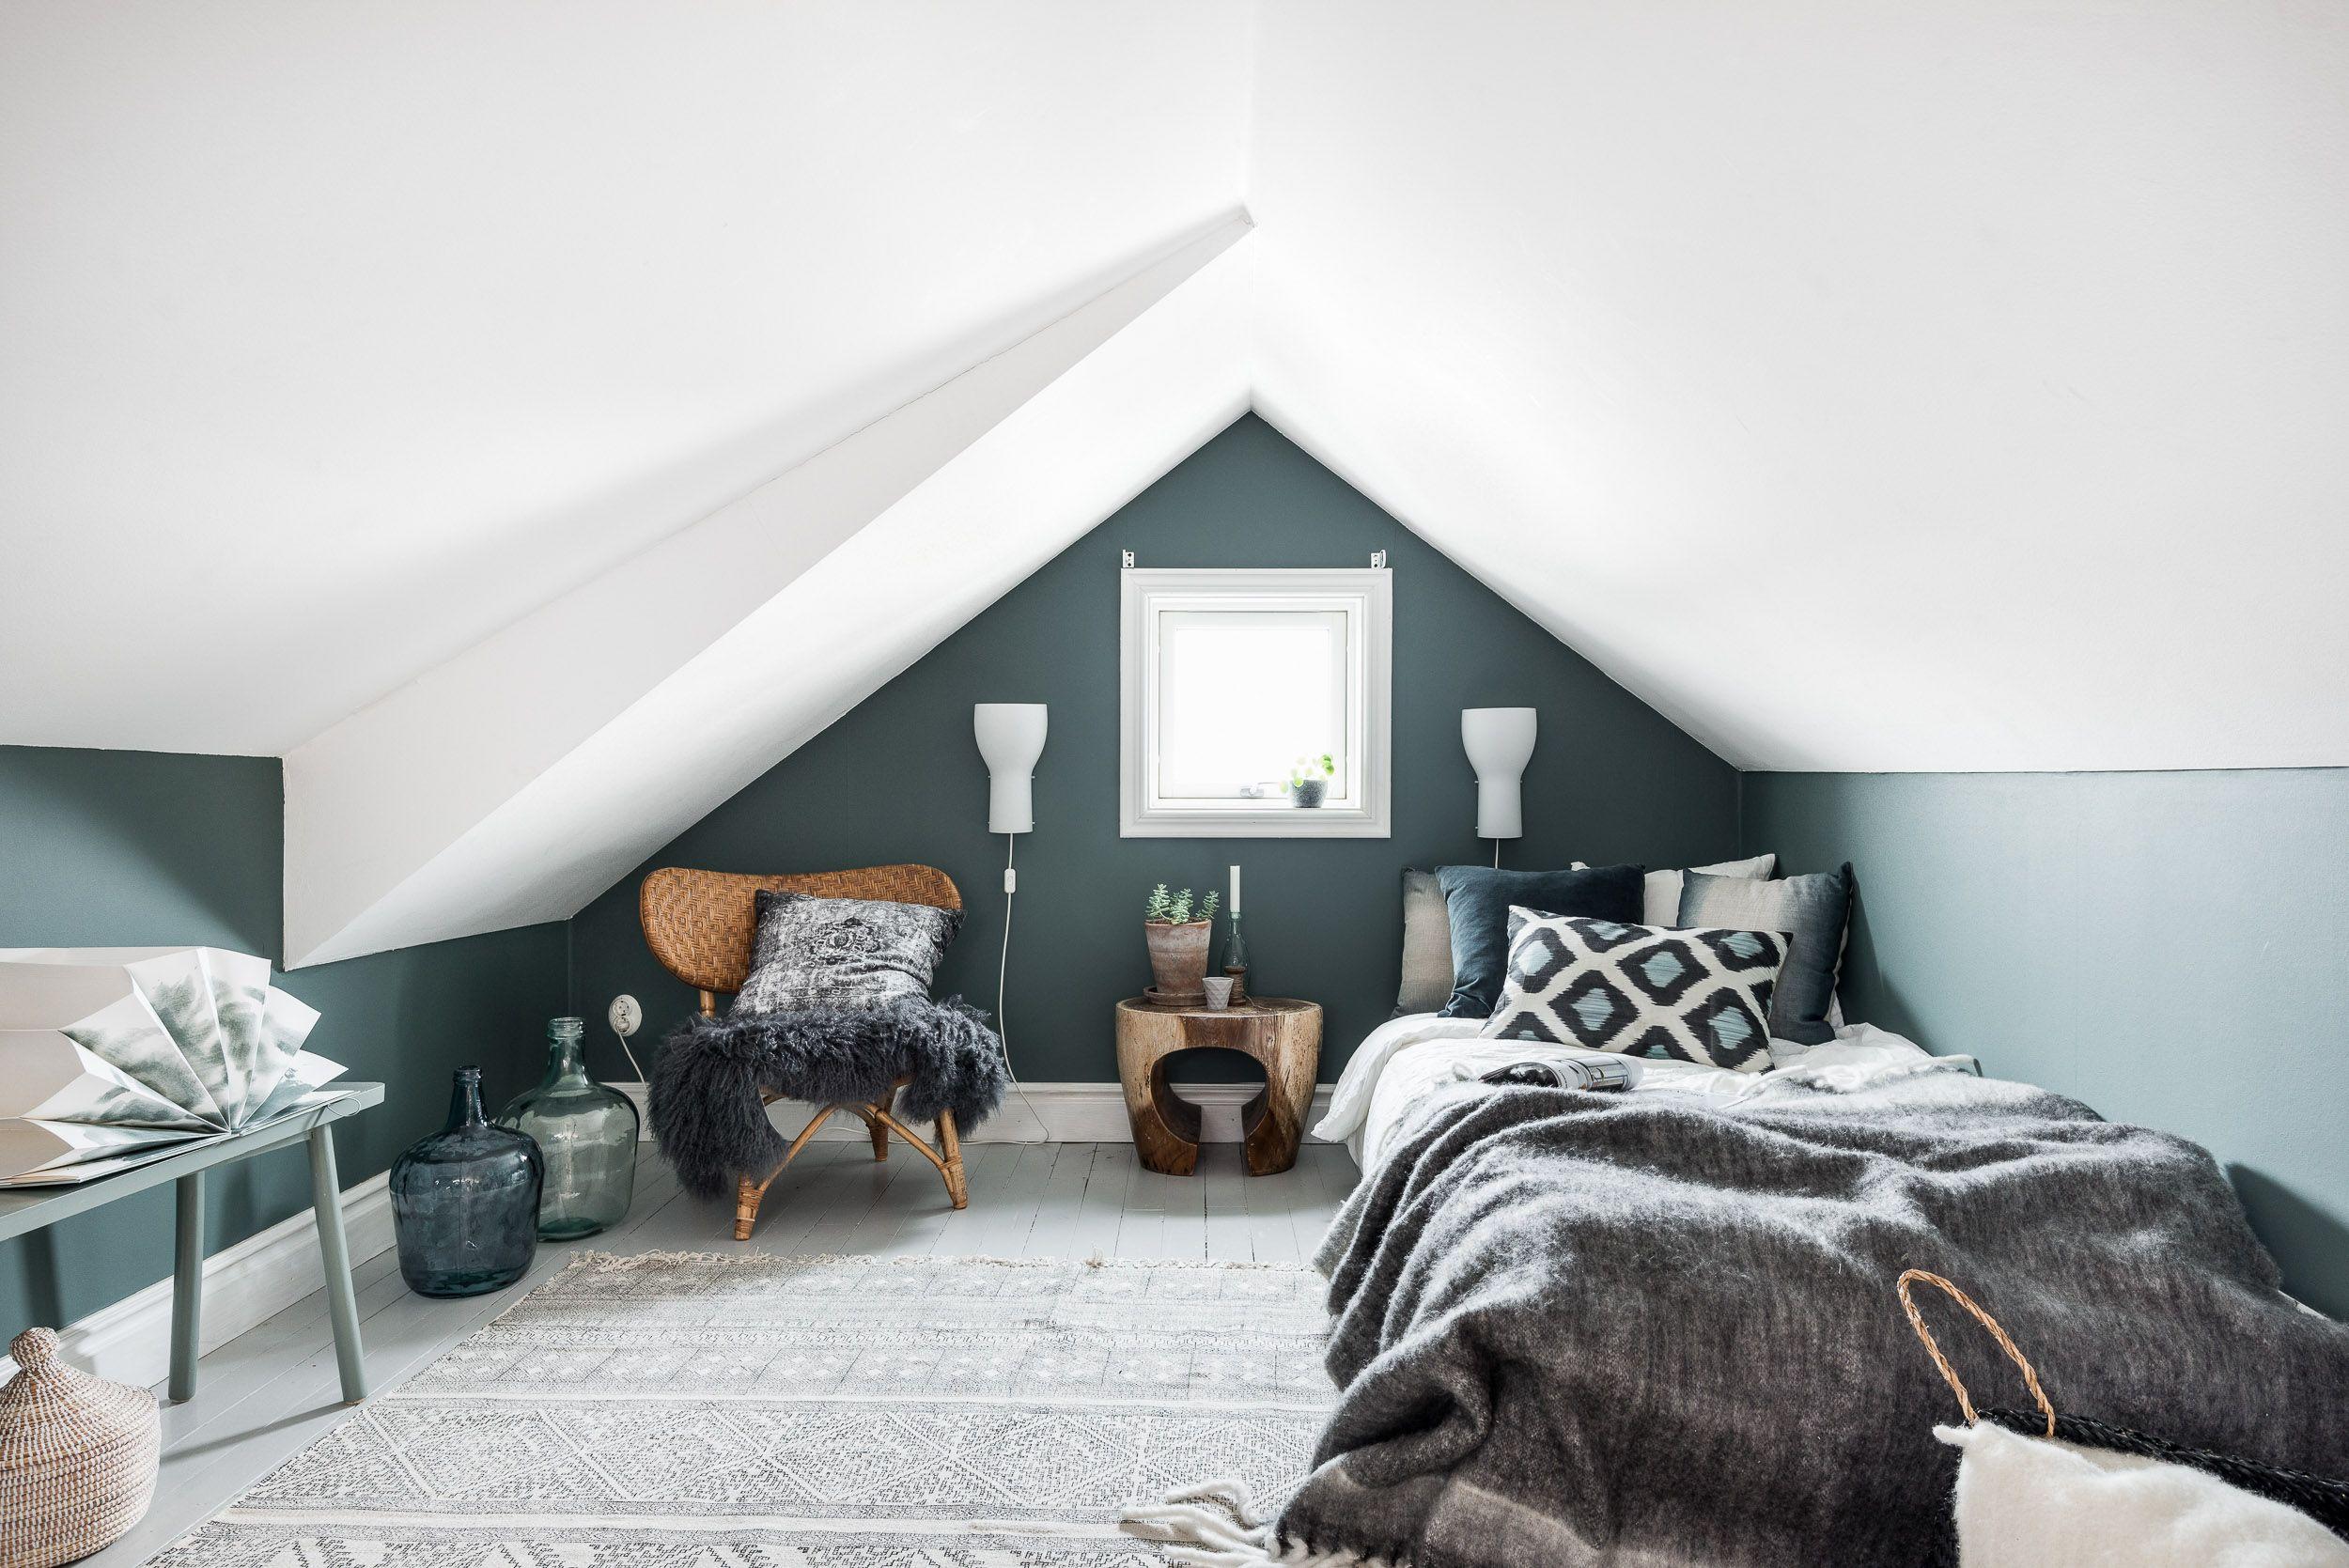 Loft bedroom design ideas  Lundin Fastighetsbyrå  Björkedalsgatan  Ekebäck Göteborg